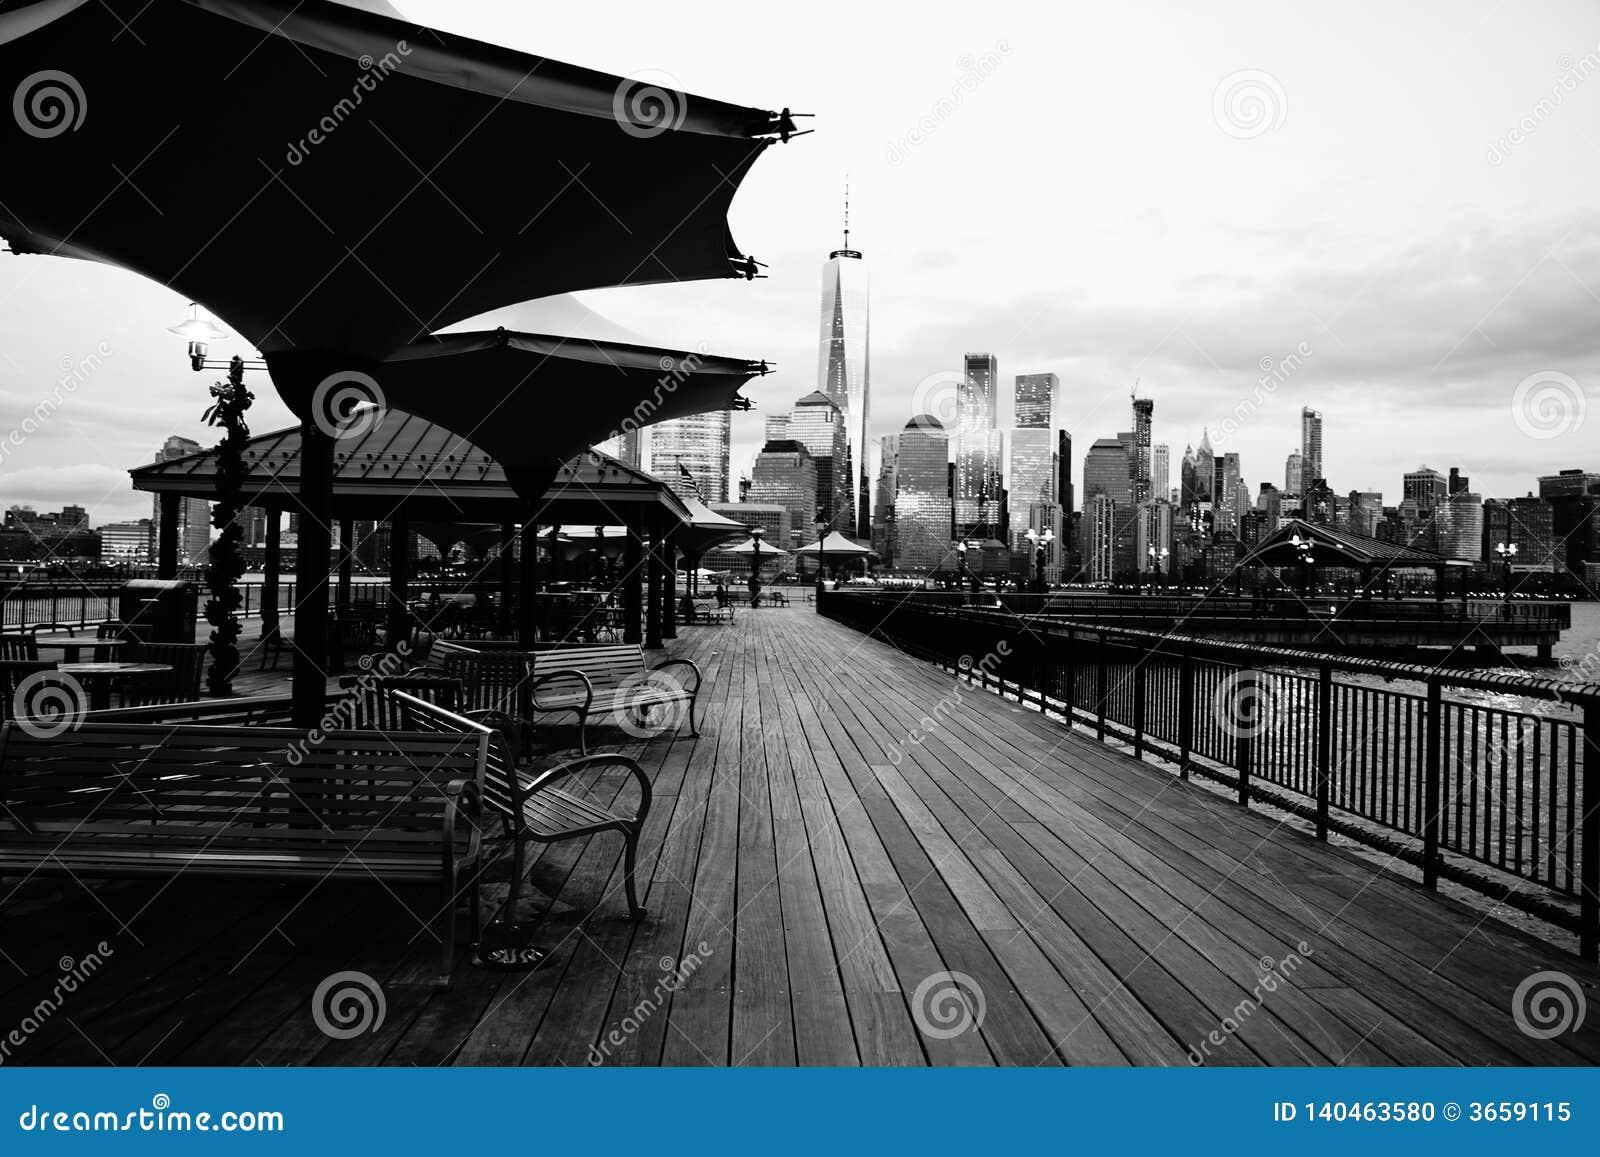 Jersey City, NJ/los E.E.U.U. - 01 01 2019: Vista impresionante de New York City de J Owen Grundy Park, New Jersey